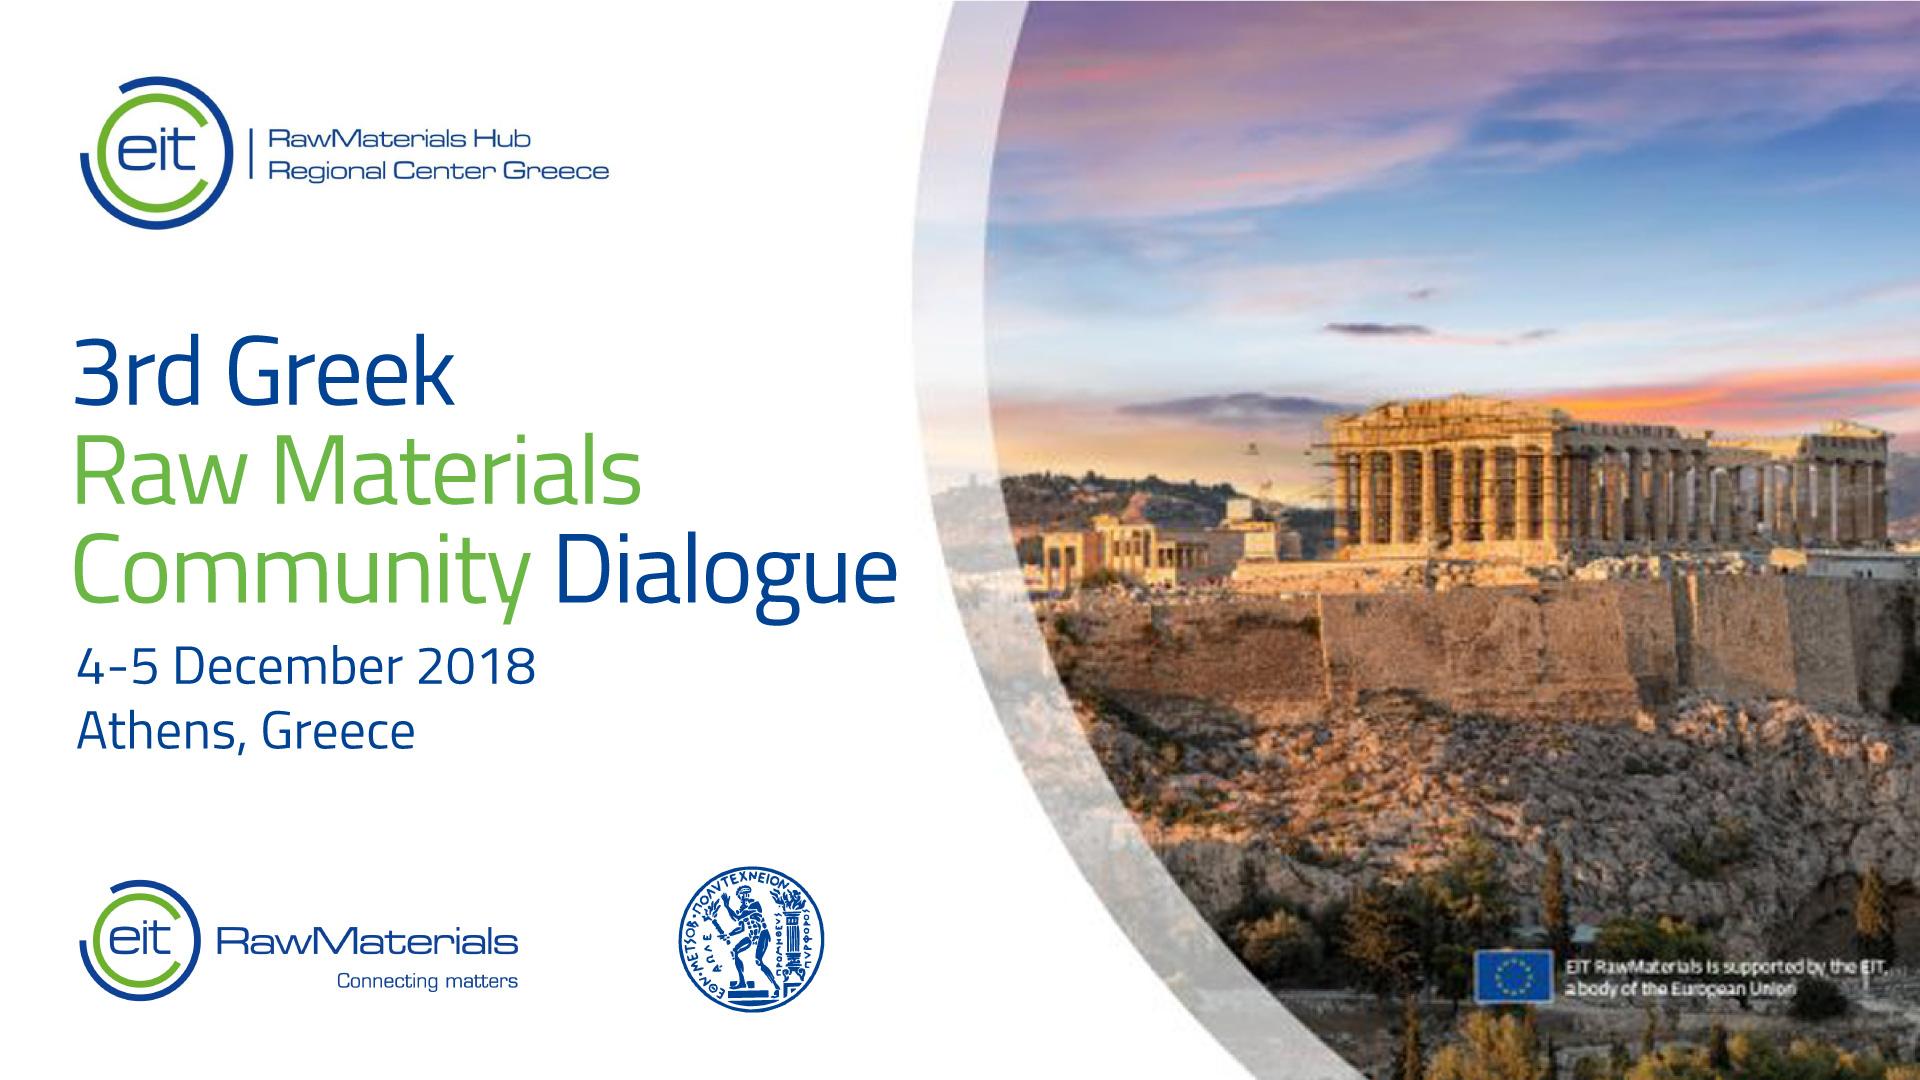 Διημερίδα «3rd Greek Raw Materials Community Dialogue» - Περιφερειακό Κέντρο Ελλάδας για τις Πρώτες Ύλες – EIT Raw Materials Hub: Regional Center Greece (RCGREECE)